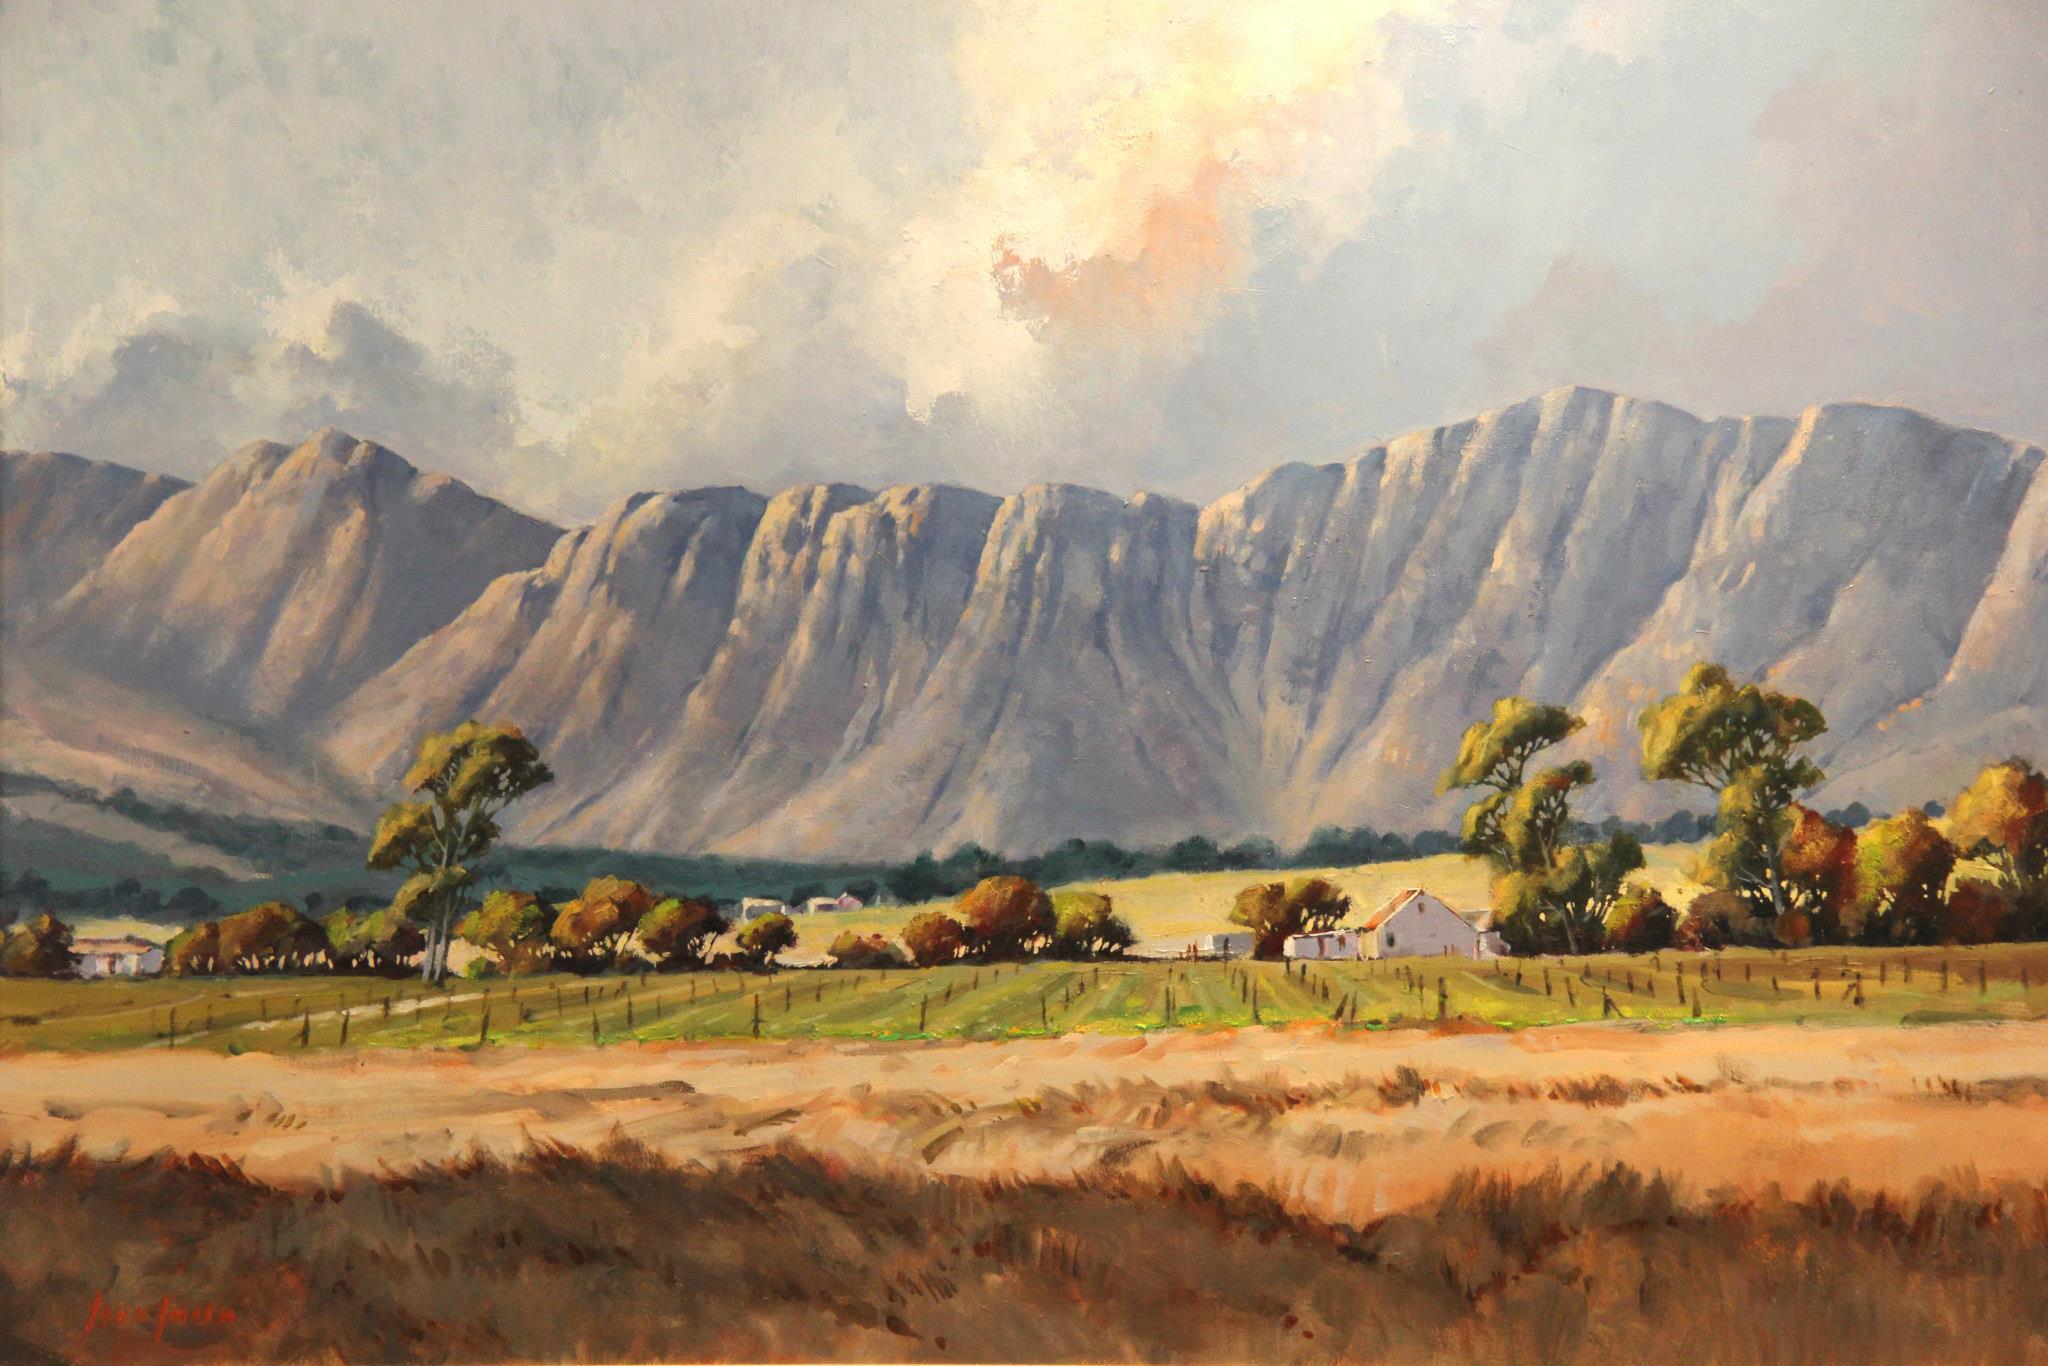 'Between Paarl and Stellenbosch'